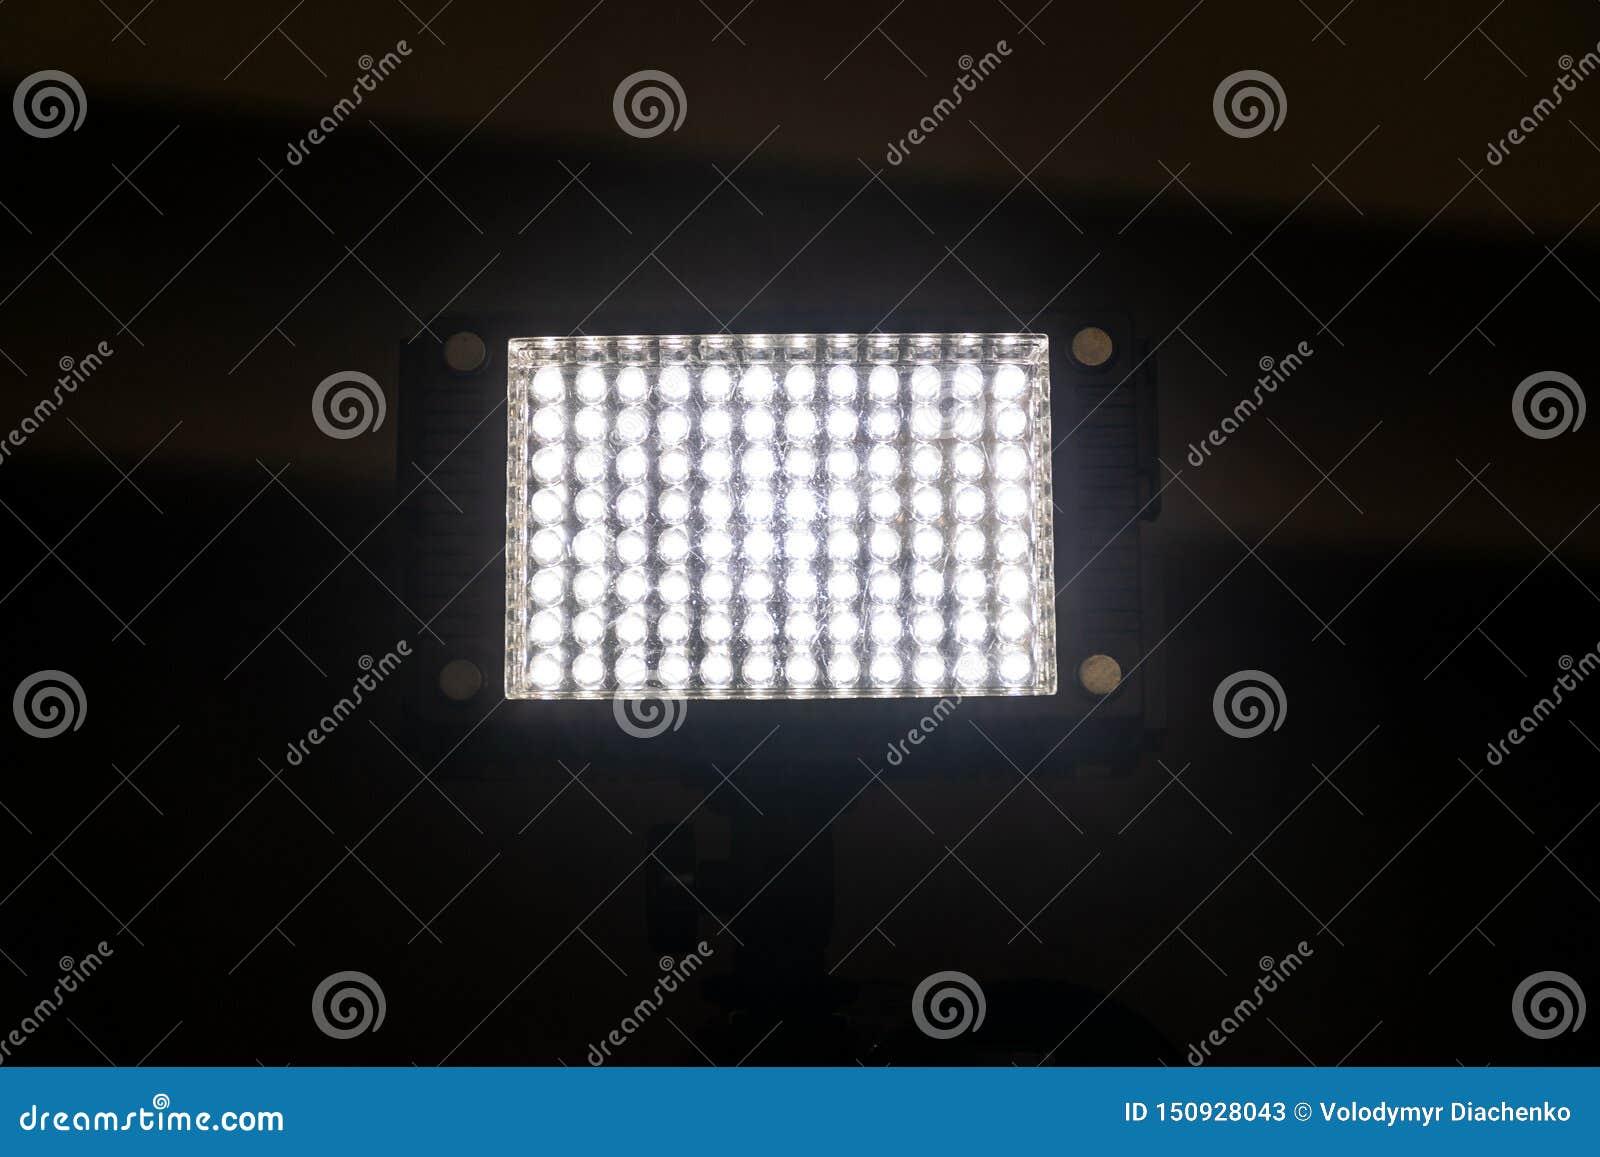 Luz poderosa brilhante de uma lanterna retangular com diodo emissor de luz